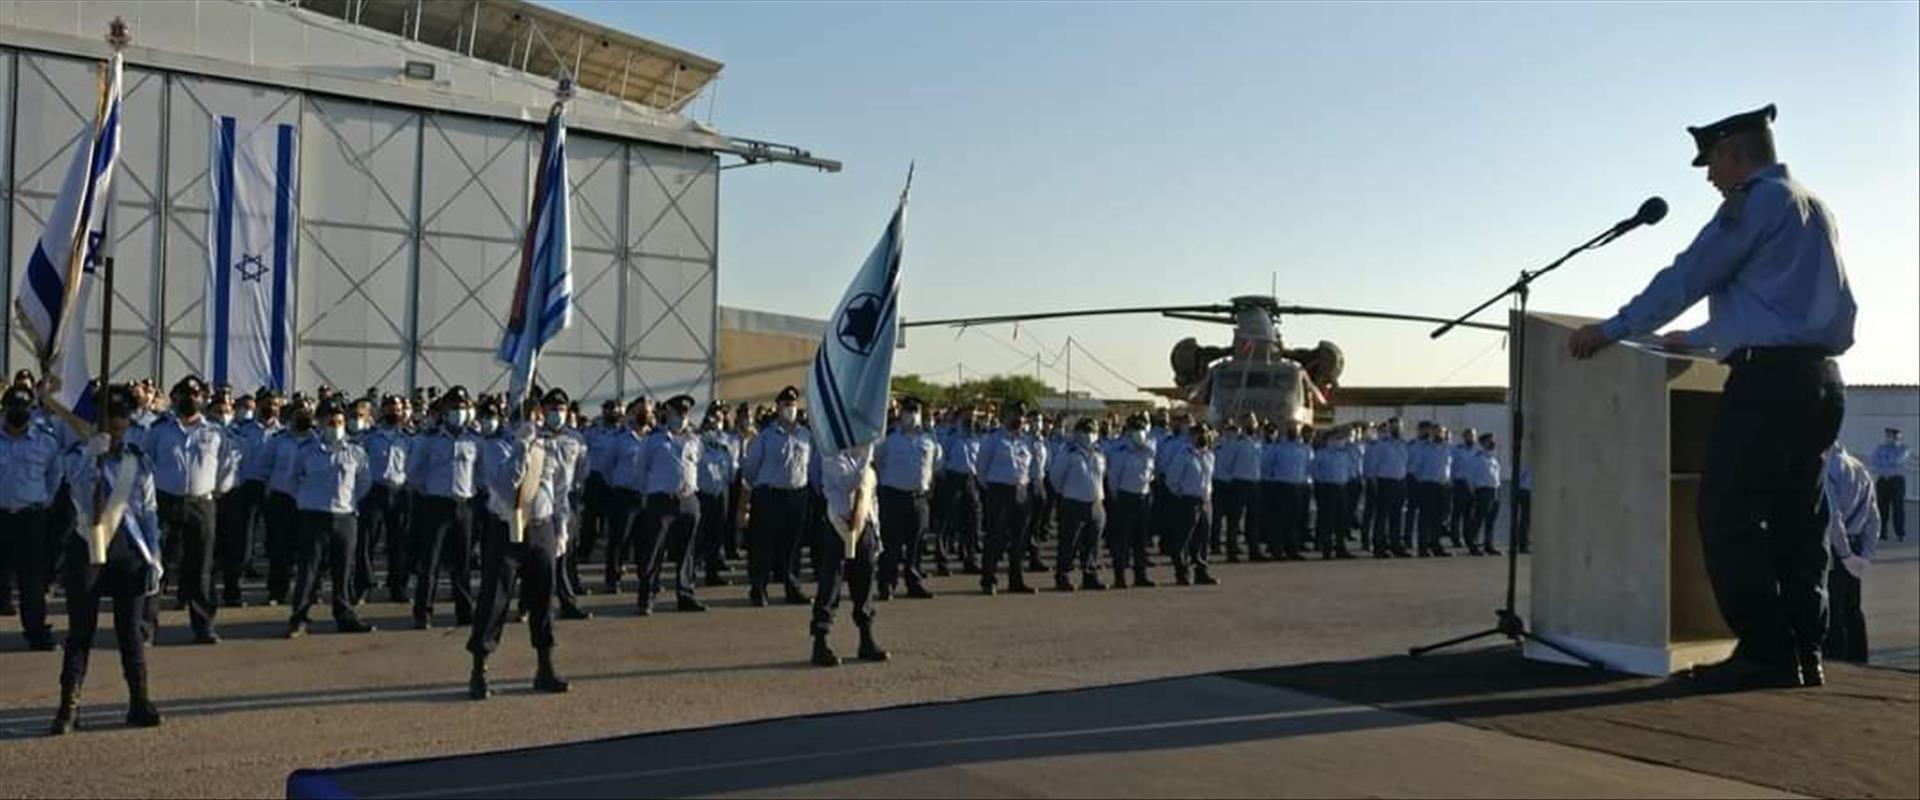 הטקס בחיל האוויר